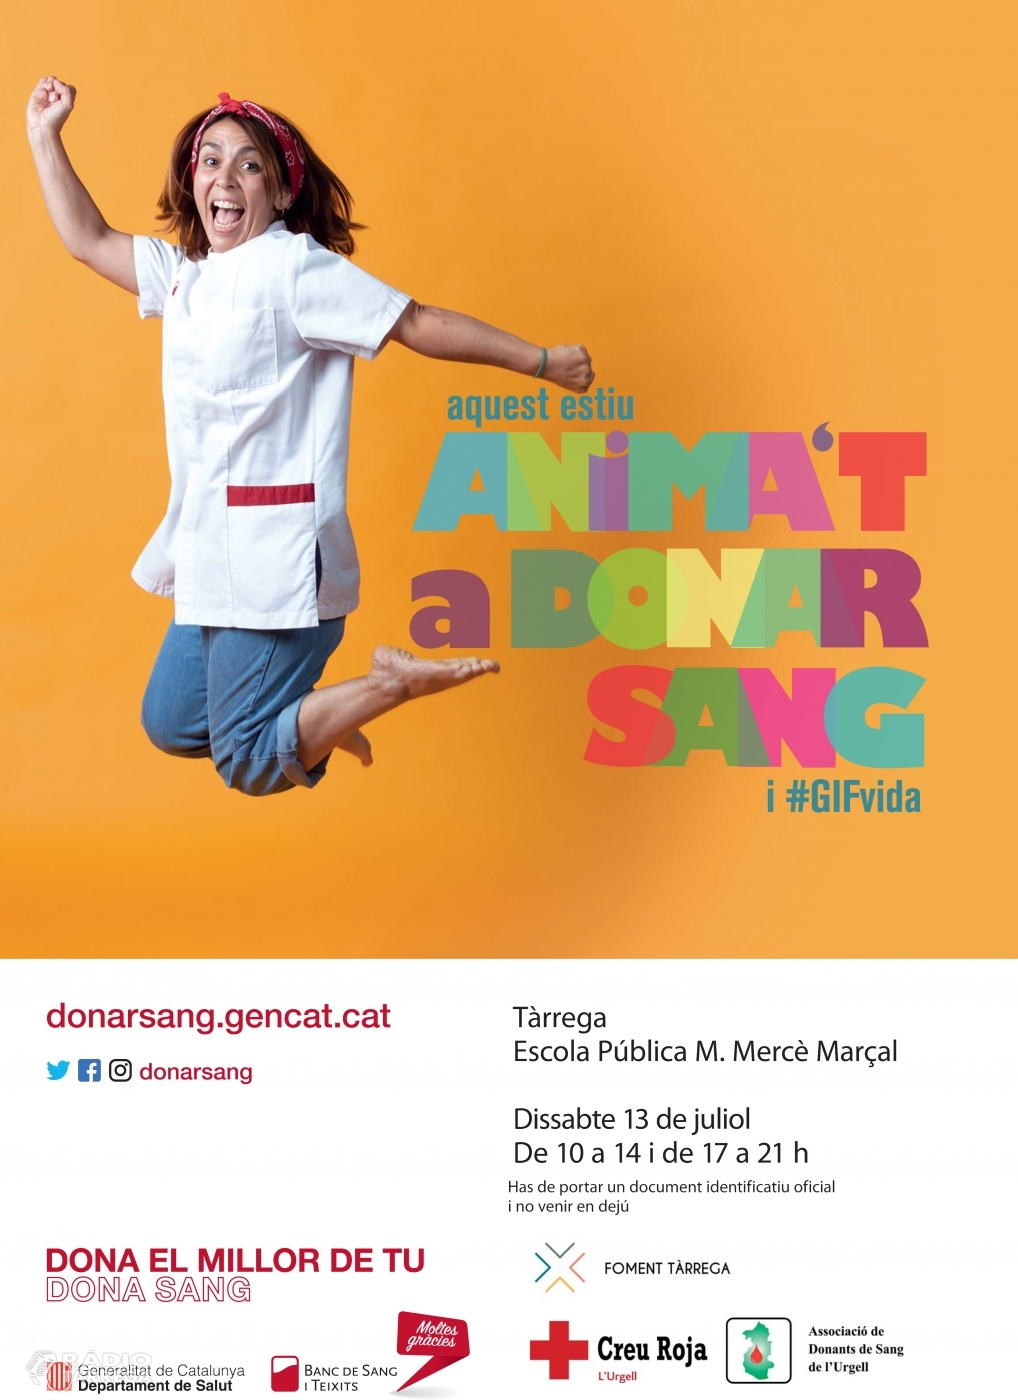 L'equip d'infermeria del Banc de Sang protagonitza la campanya d'estiu, per aconseguir 35.000 donacions els mesos de juliol i agost